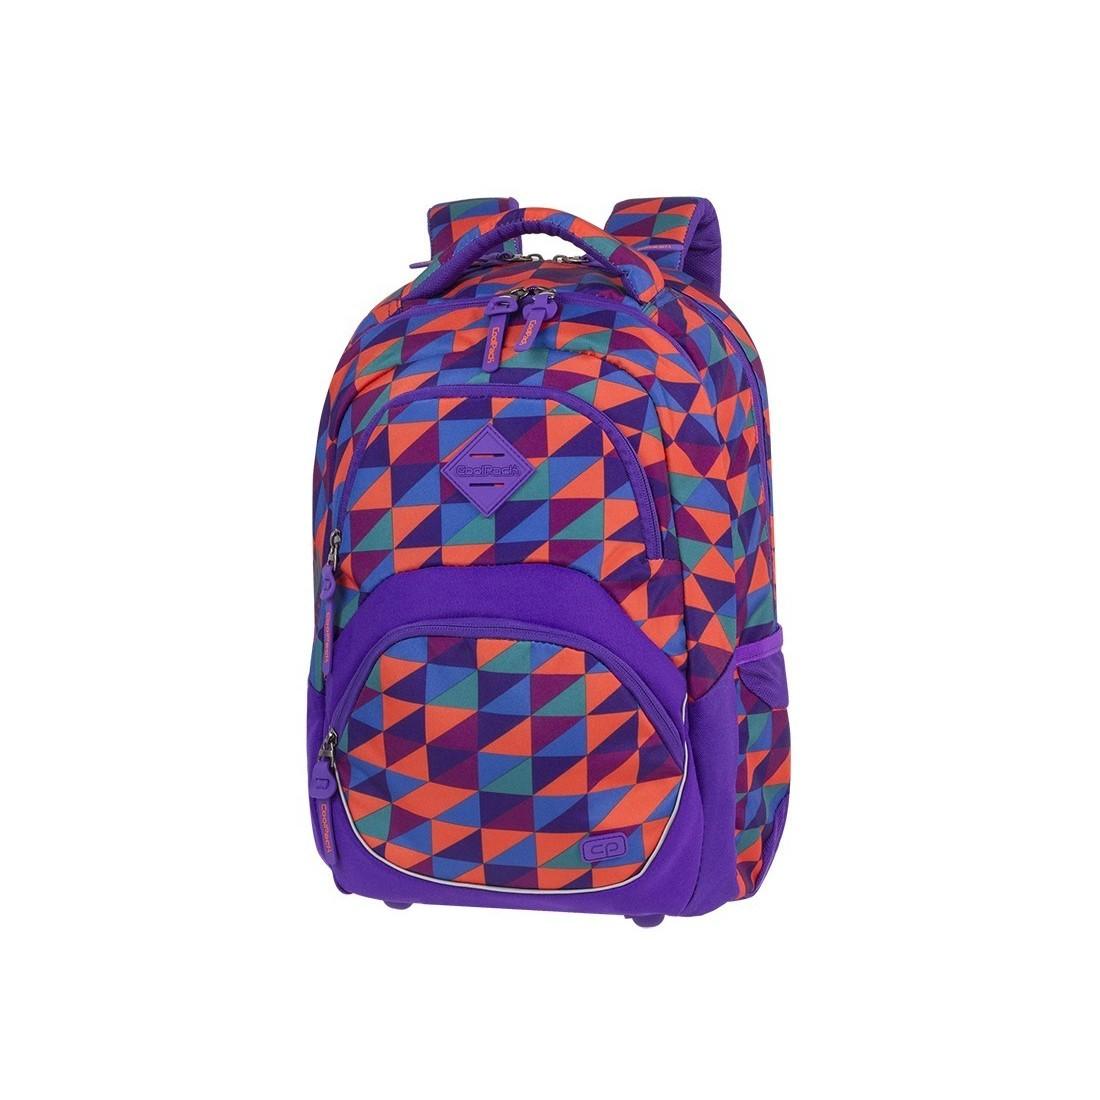 107d1bf9aaf94 Plecak szkolny ergo CoolPack CP VIPER TRIANGLE MOSAIC kolorowe trójkąty  abstrakcja - A581